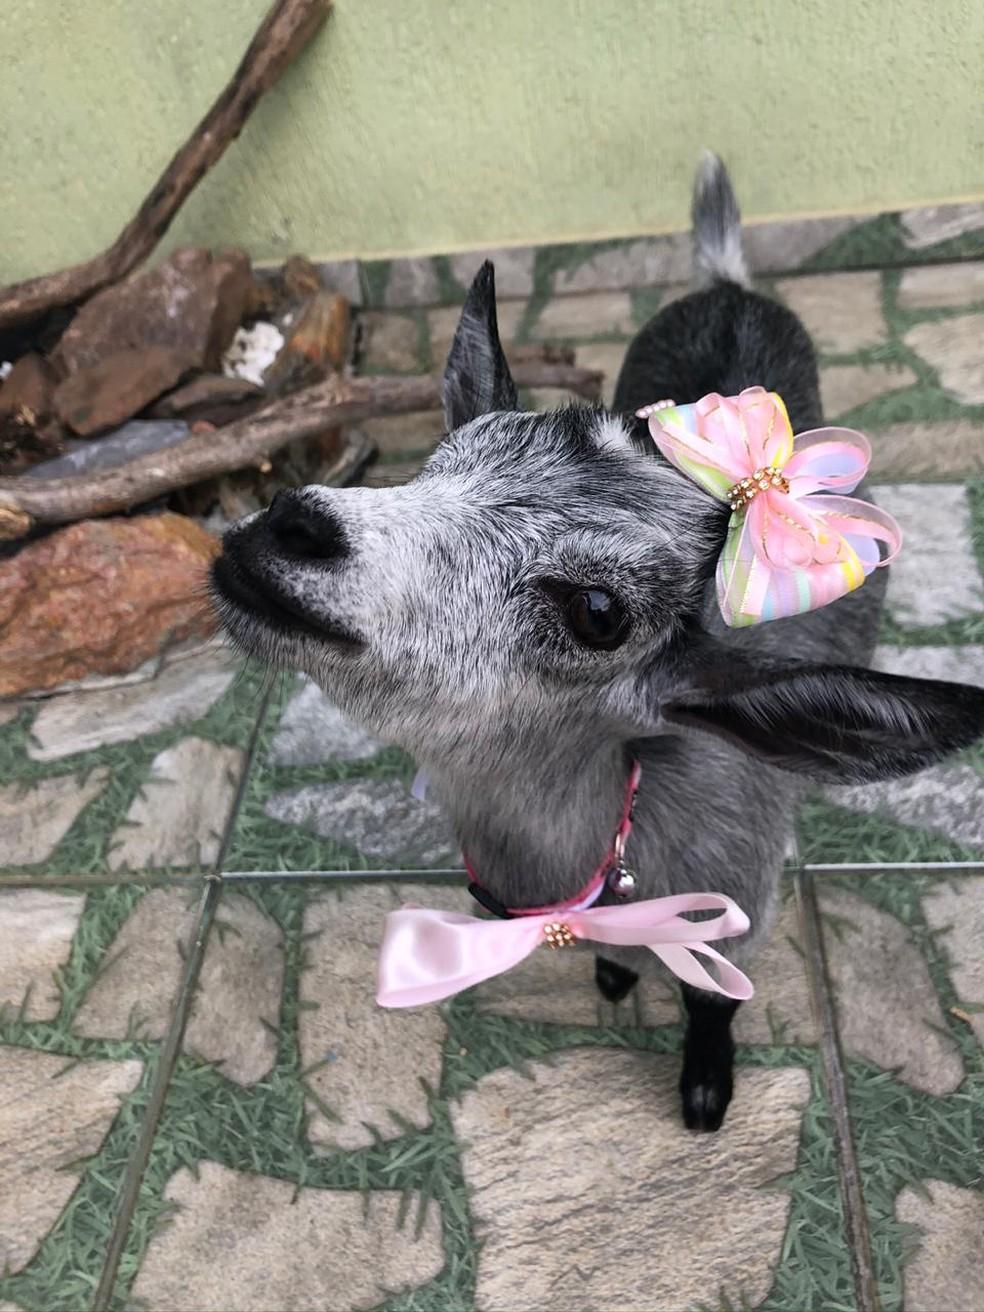 A cabra 'Karabina' é a xodó da veterinária Anna Beatriz de Jundiaí — Foto: Arquivo Pessoal